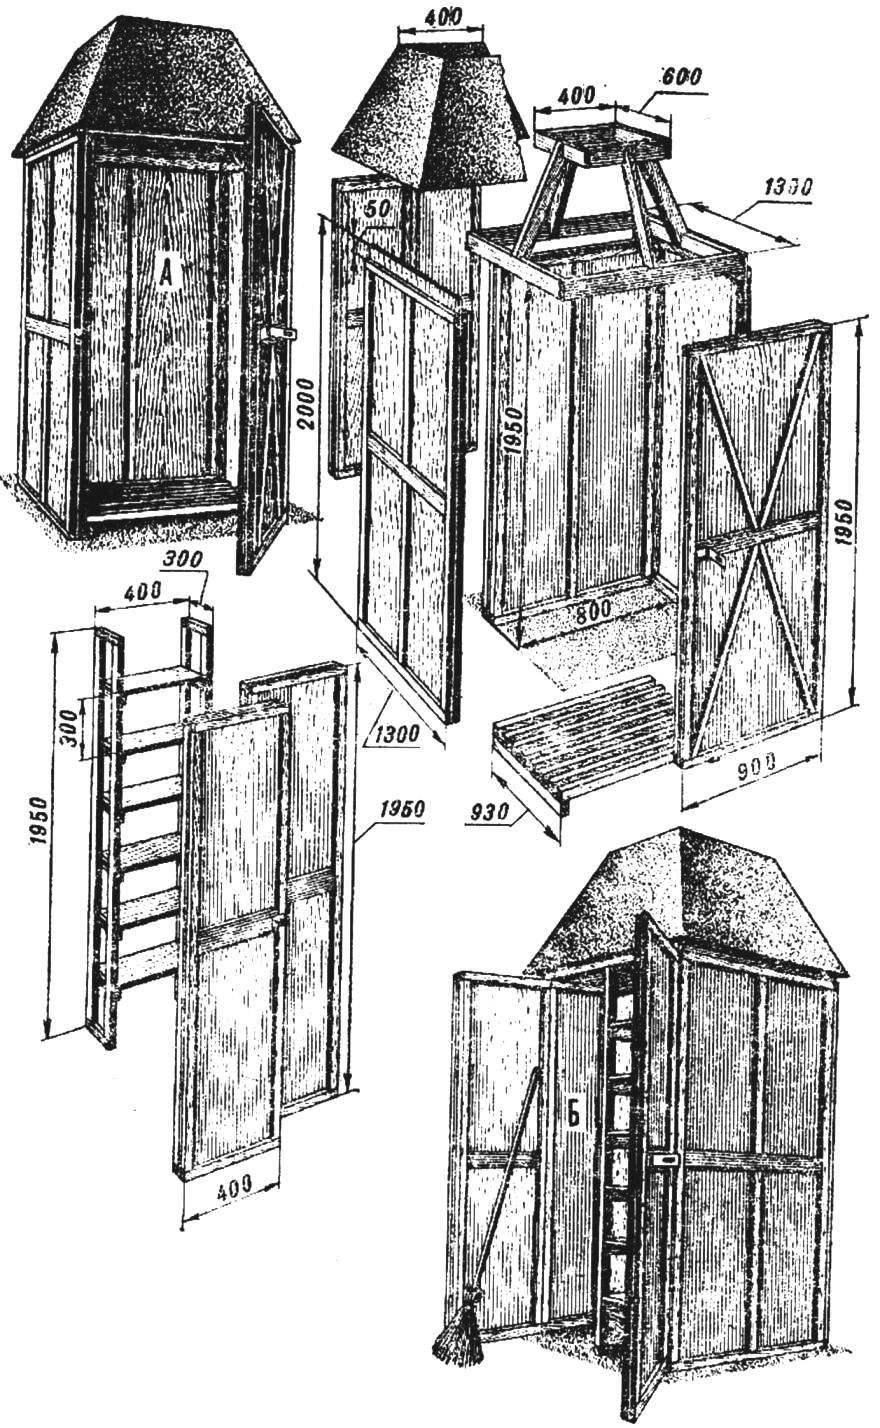 В одной будке два отделения: душевая кабинка (А) и мини-склад с полками и отсеком для инструментов (Б).